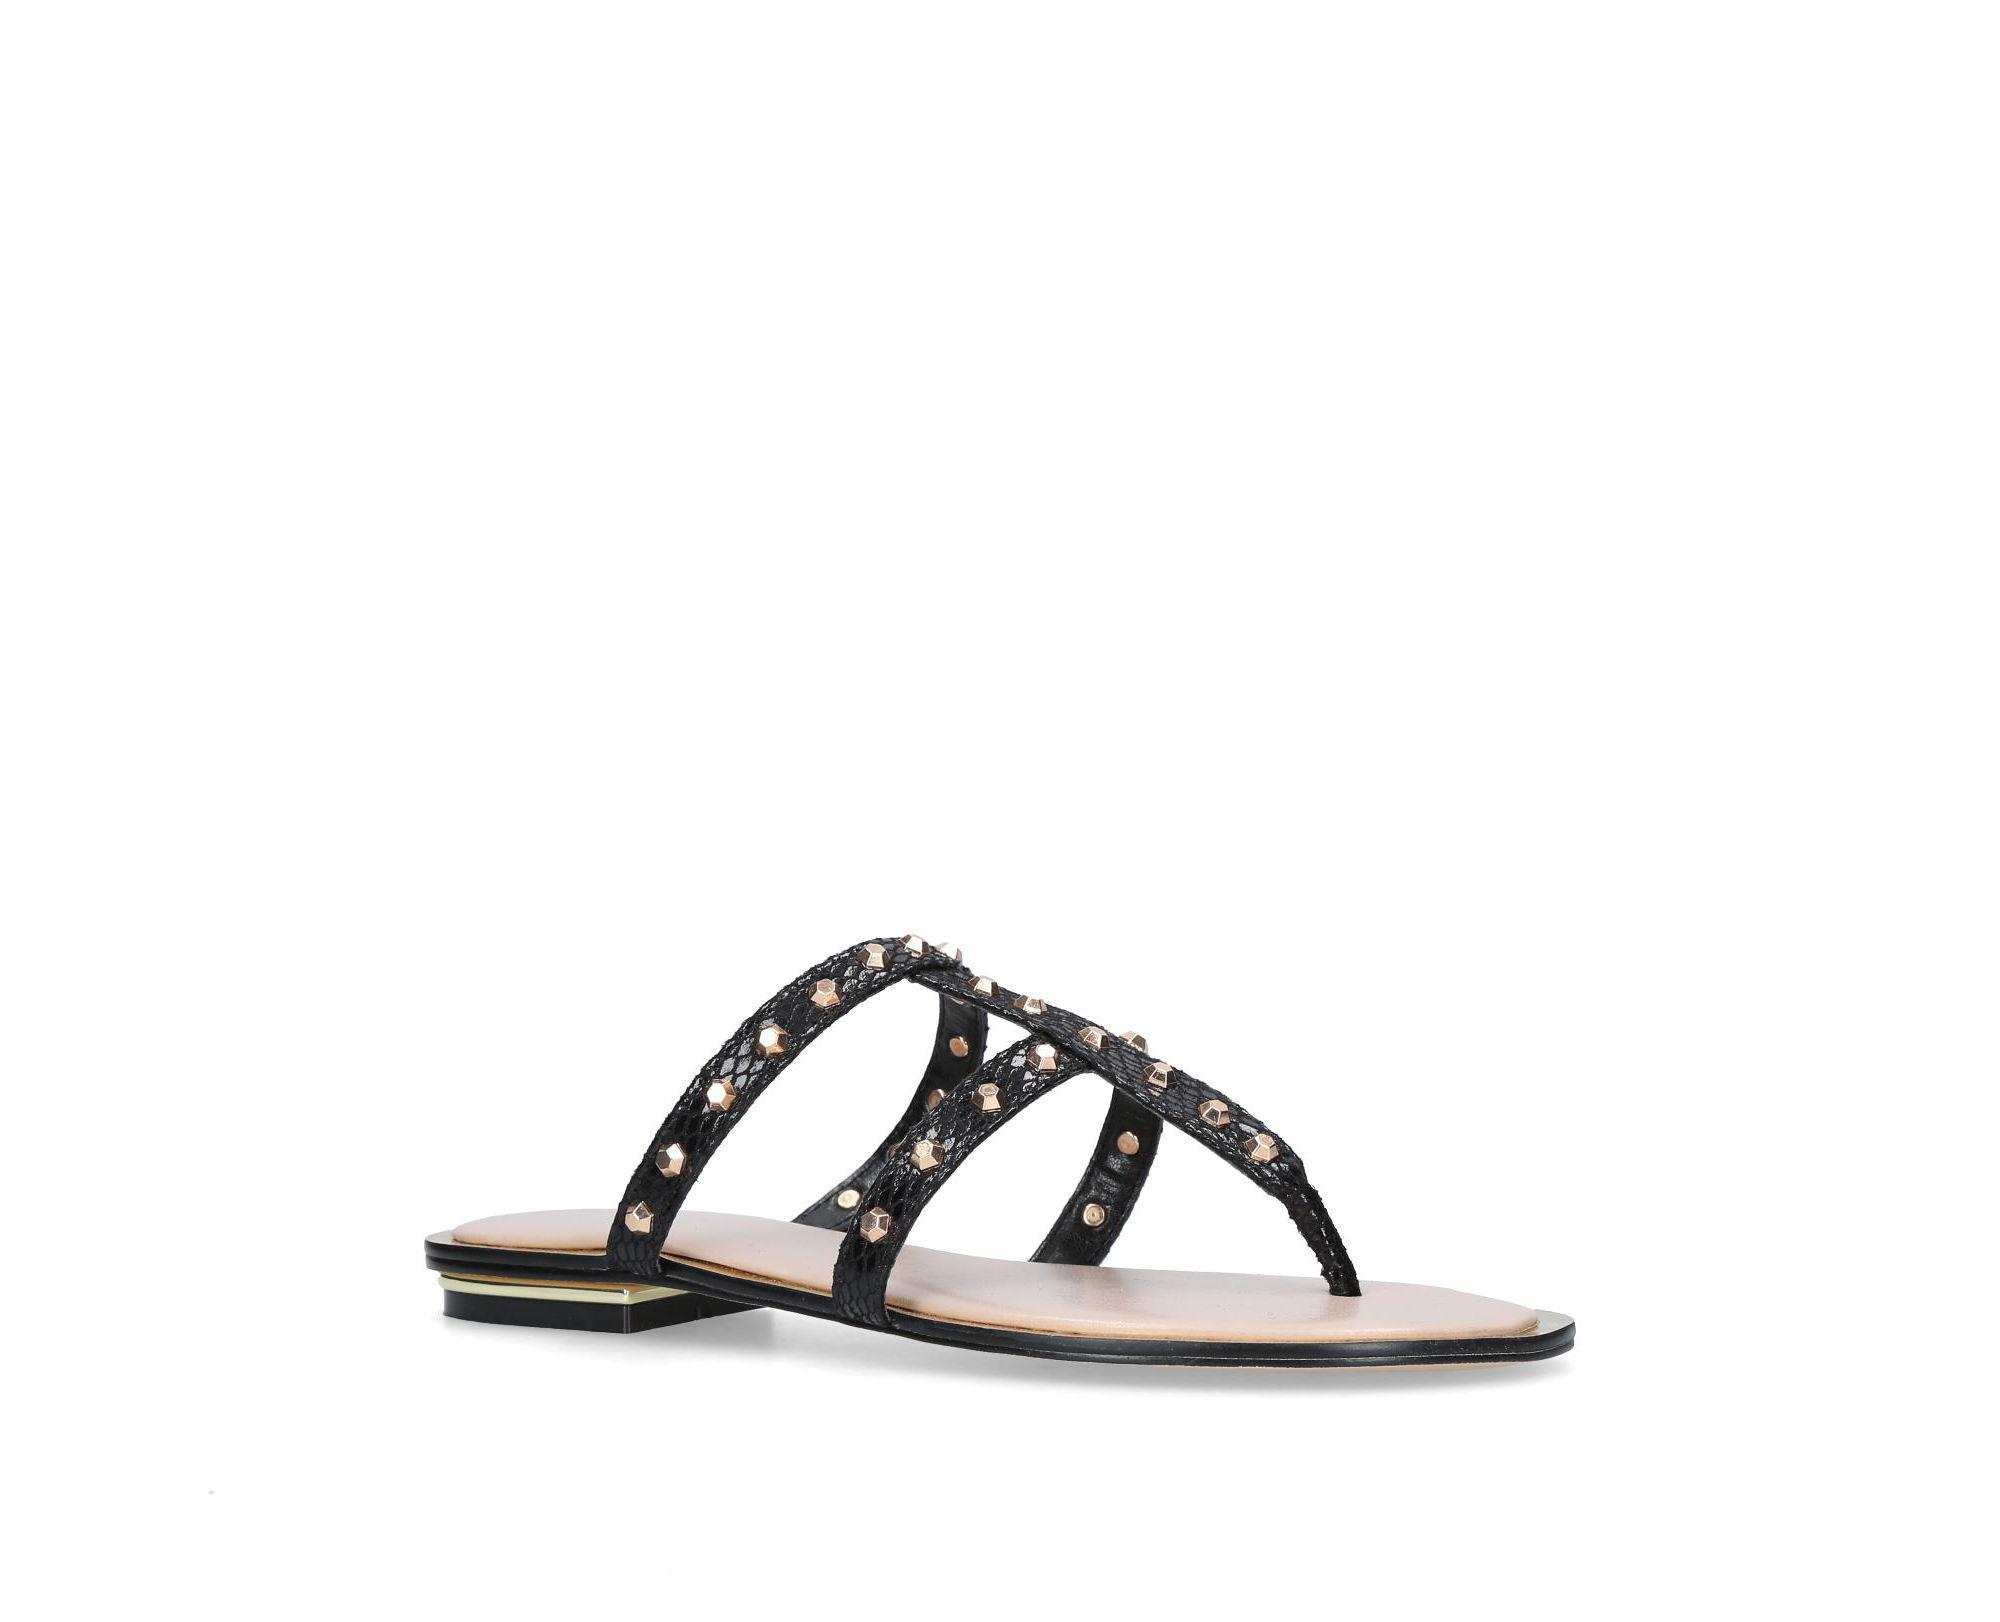 28f8436e4f5 Carvela Kurt Geiger Black  brink  Flat Sandals in Black - Lyst